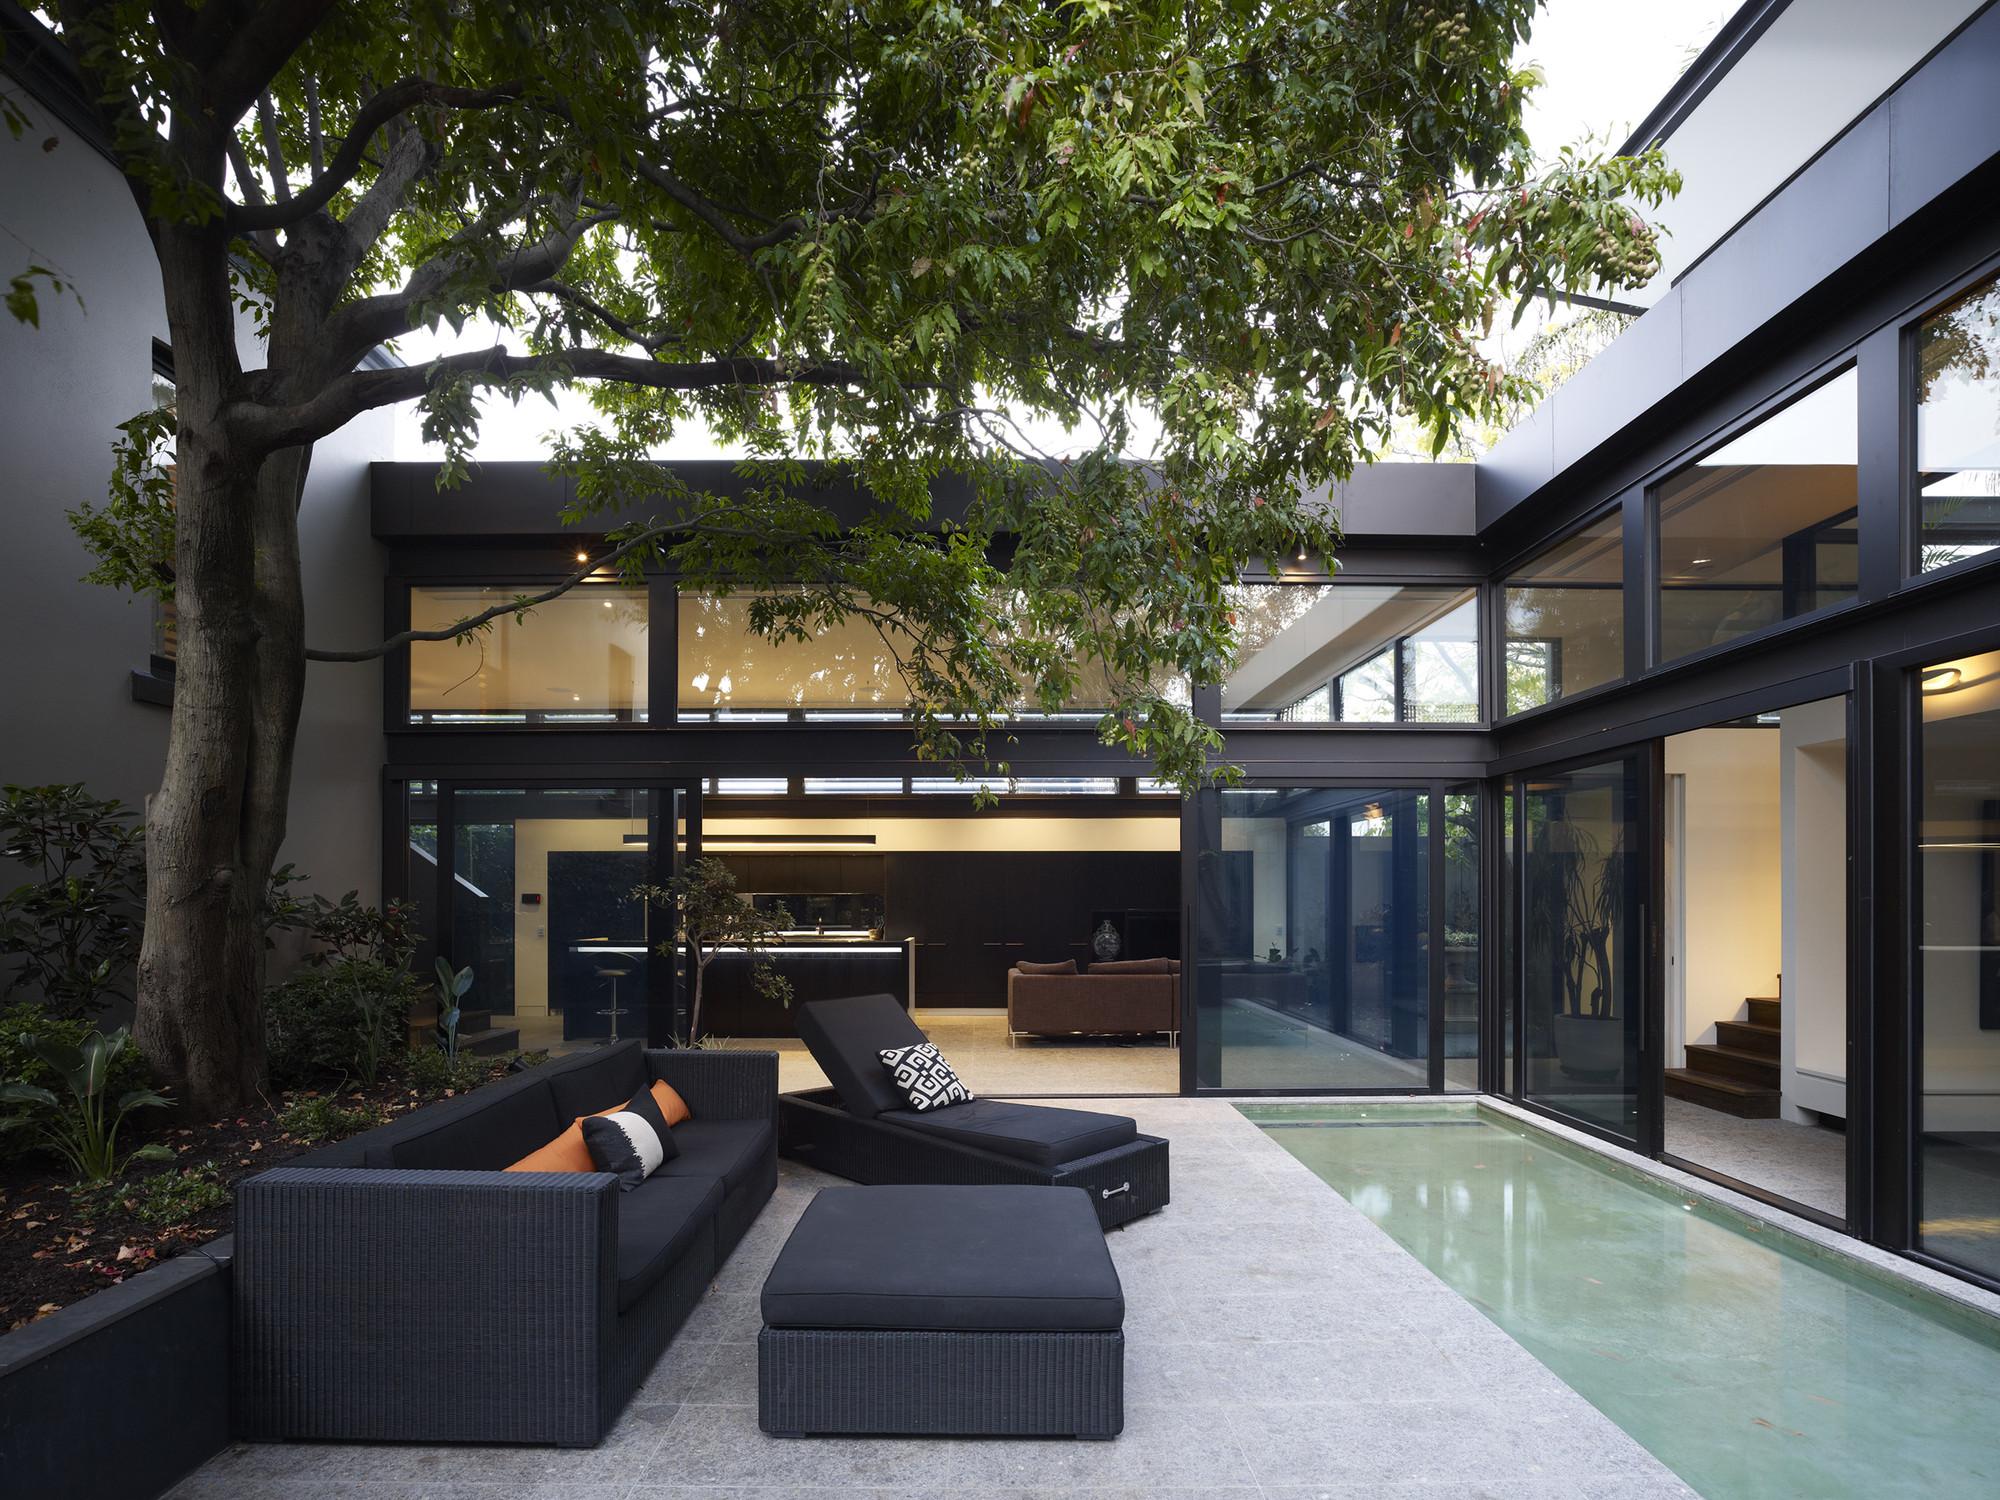 Harcourt / Steve Domoney Architecture, © Derek Swalwell